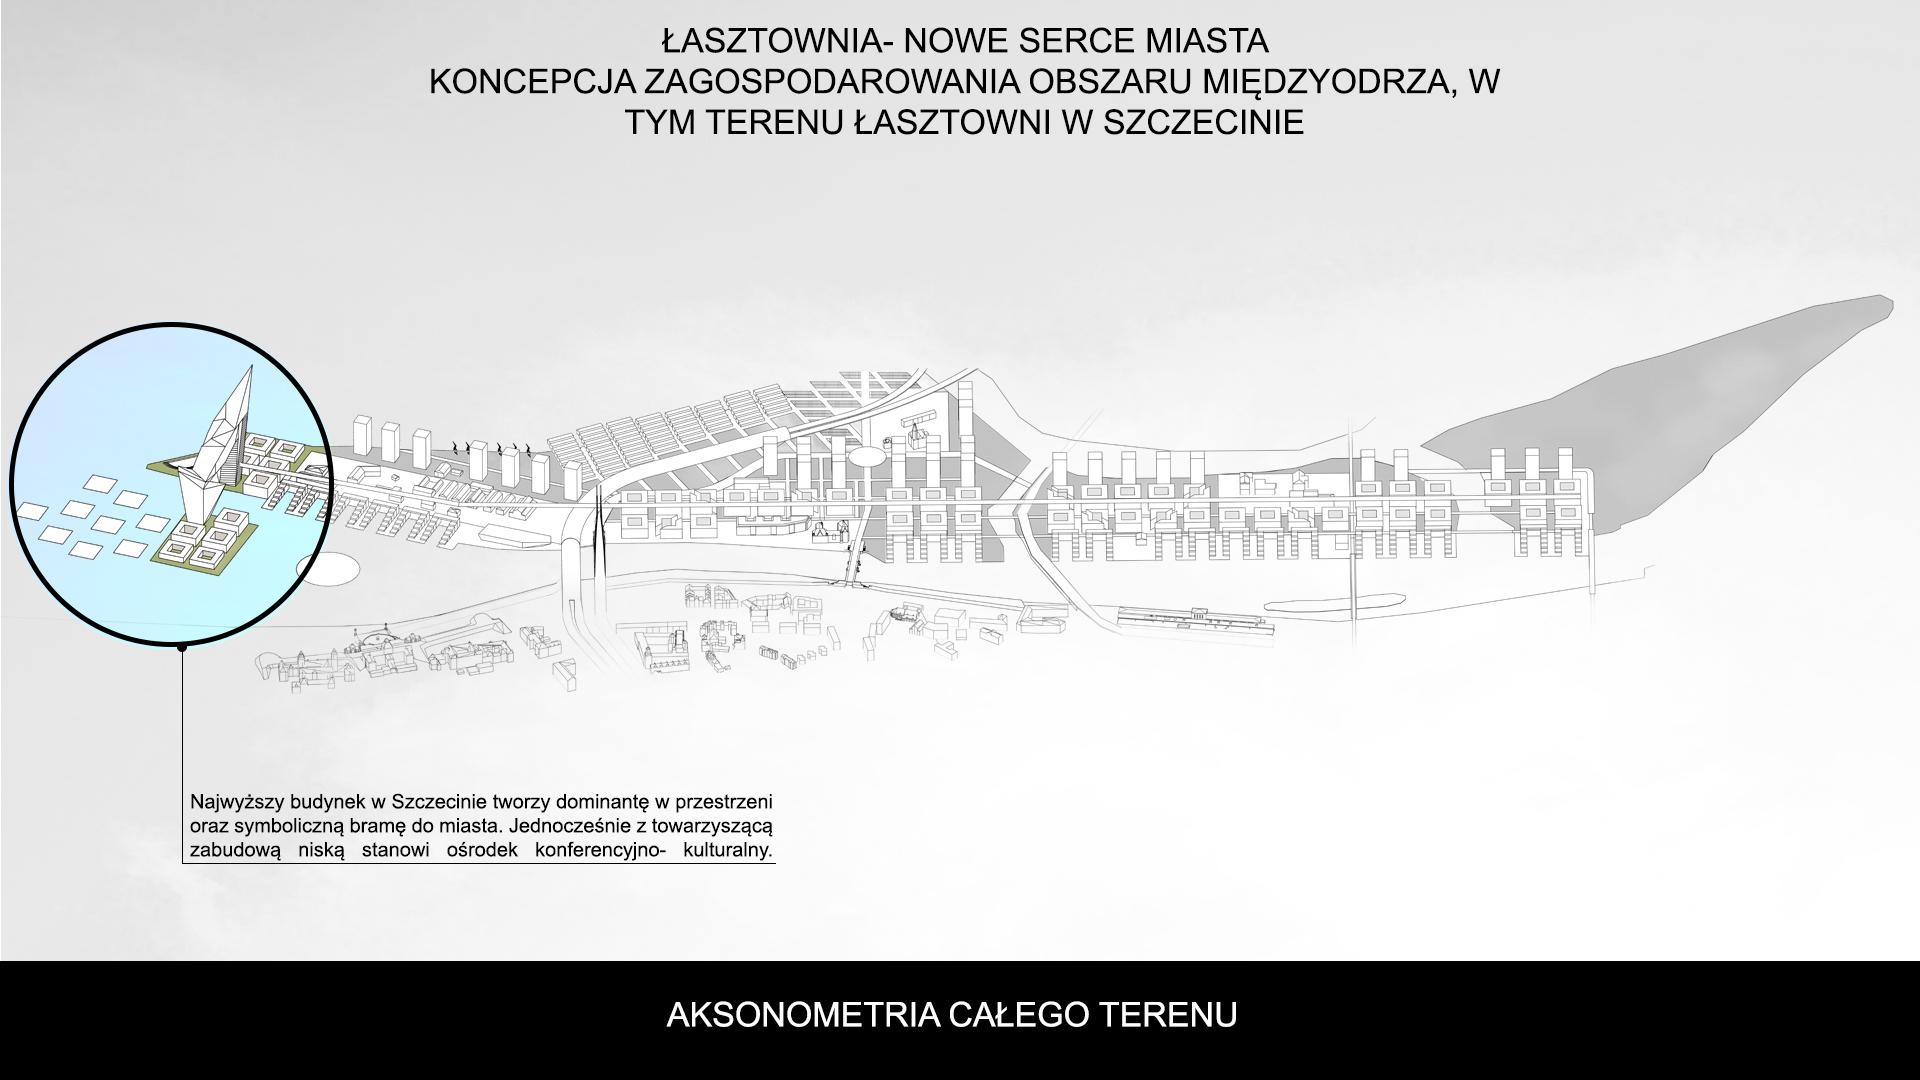 Nowe Serce Miasta - aksonometria 2